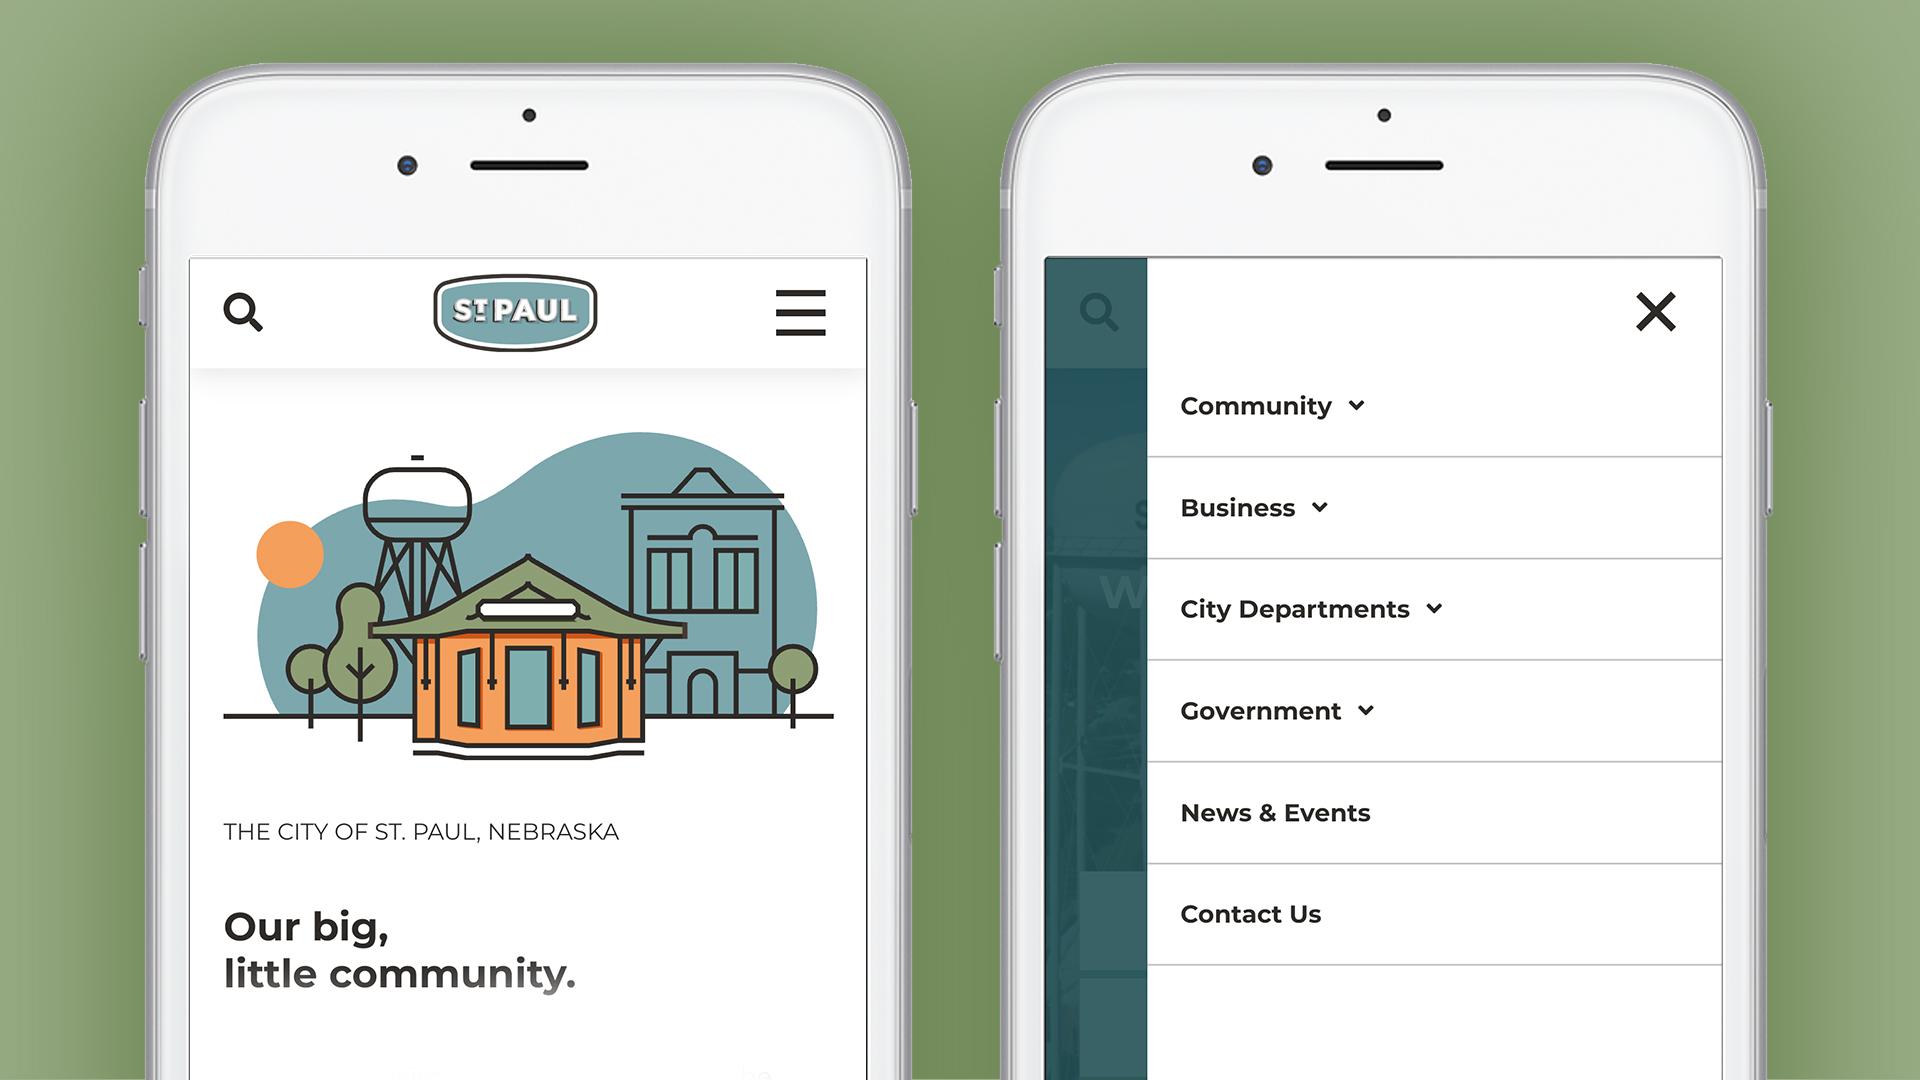 Image of St. Paul, Nebraska mobile website design.